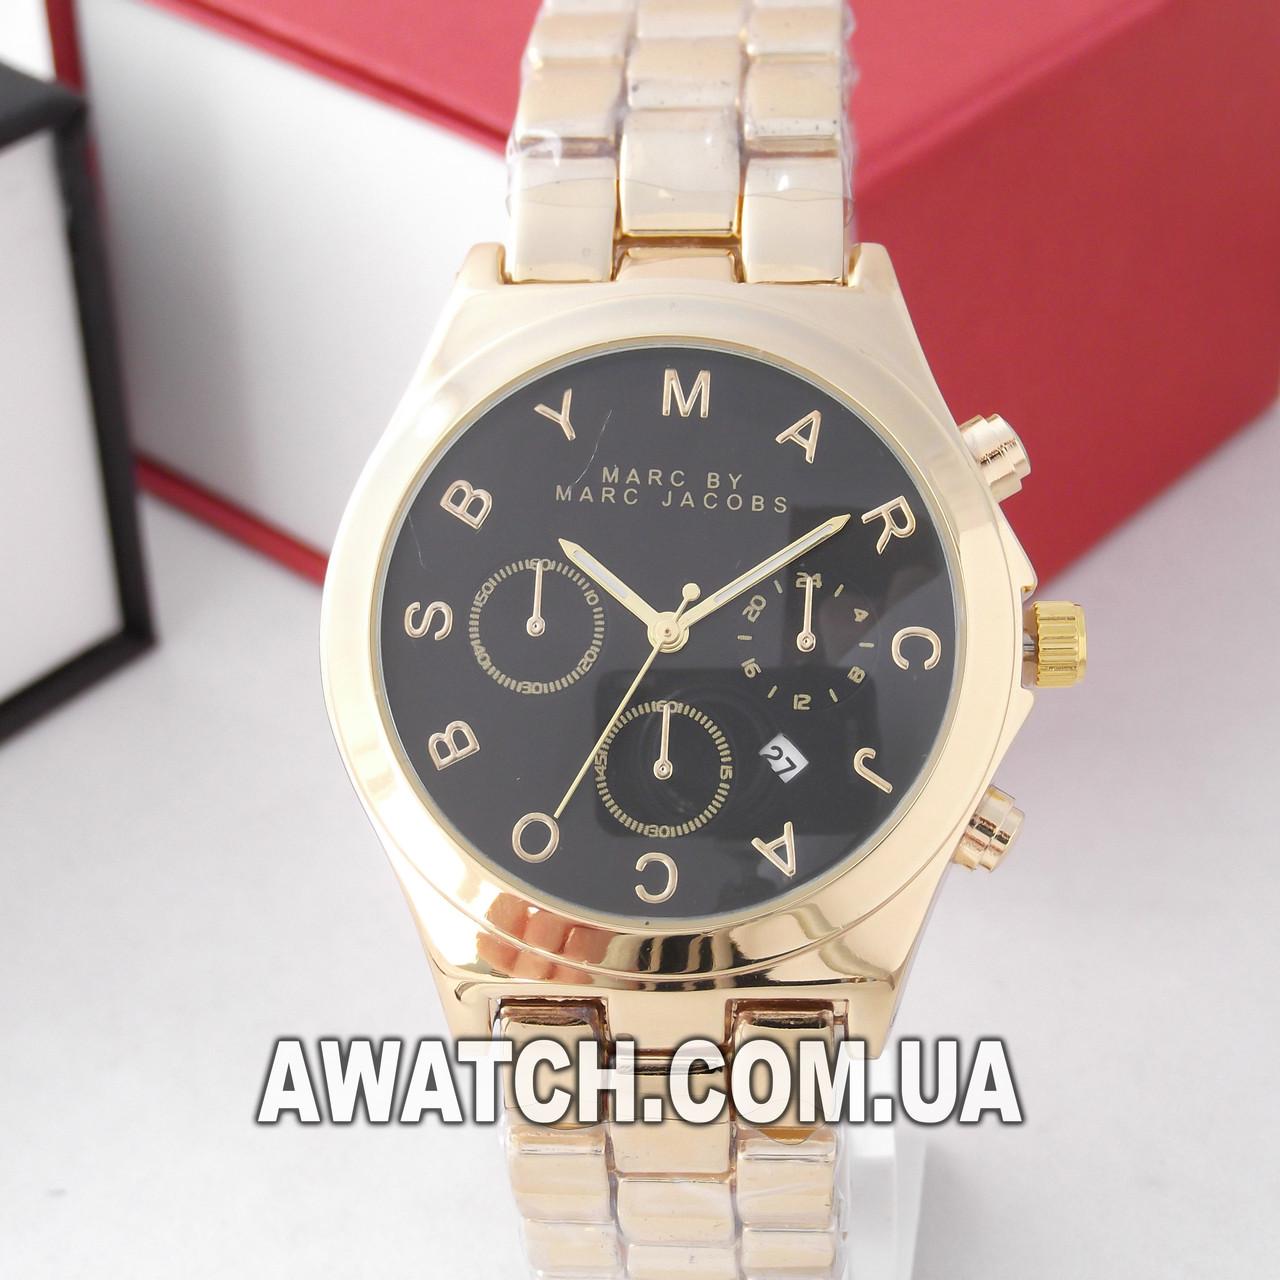 d1257c5fa1d6 Женские кварцевые наручные часы Marc Jacobs C04 (721810757). Цена ...